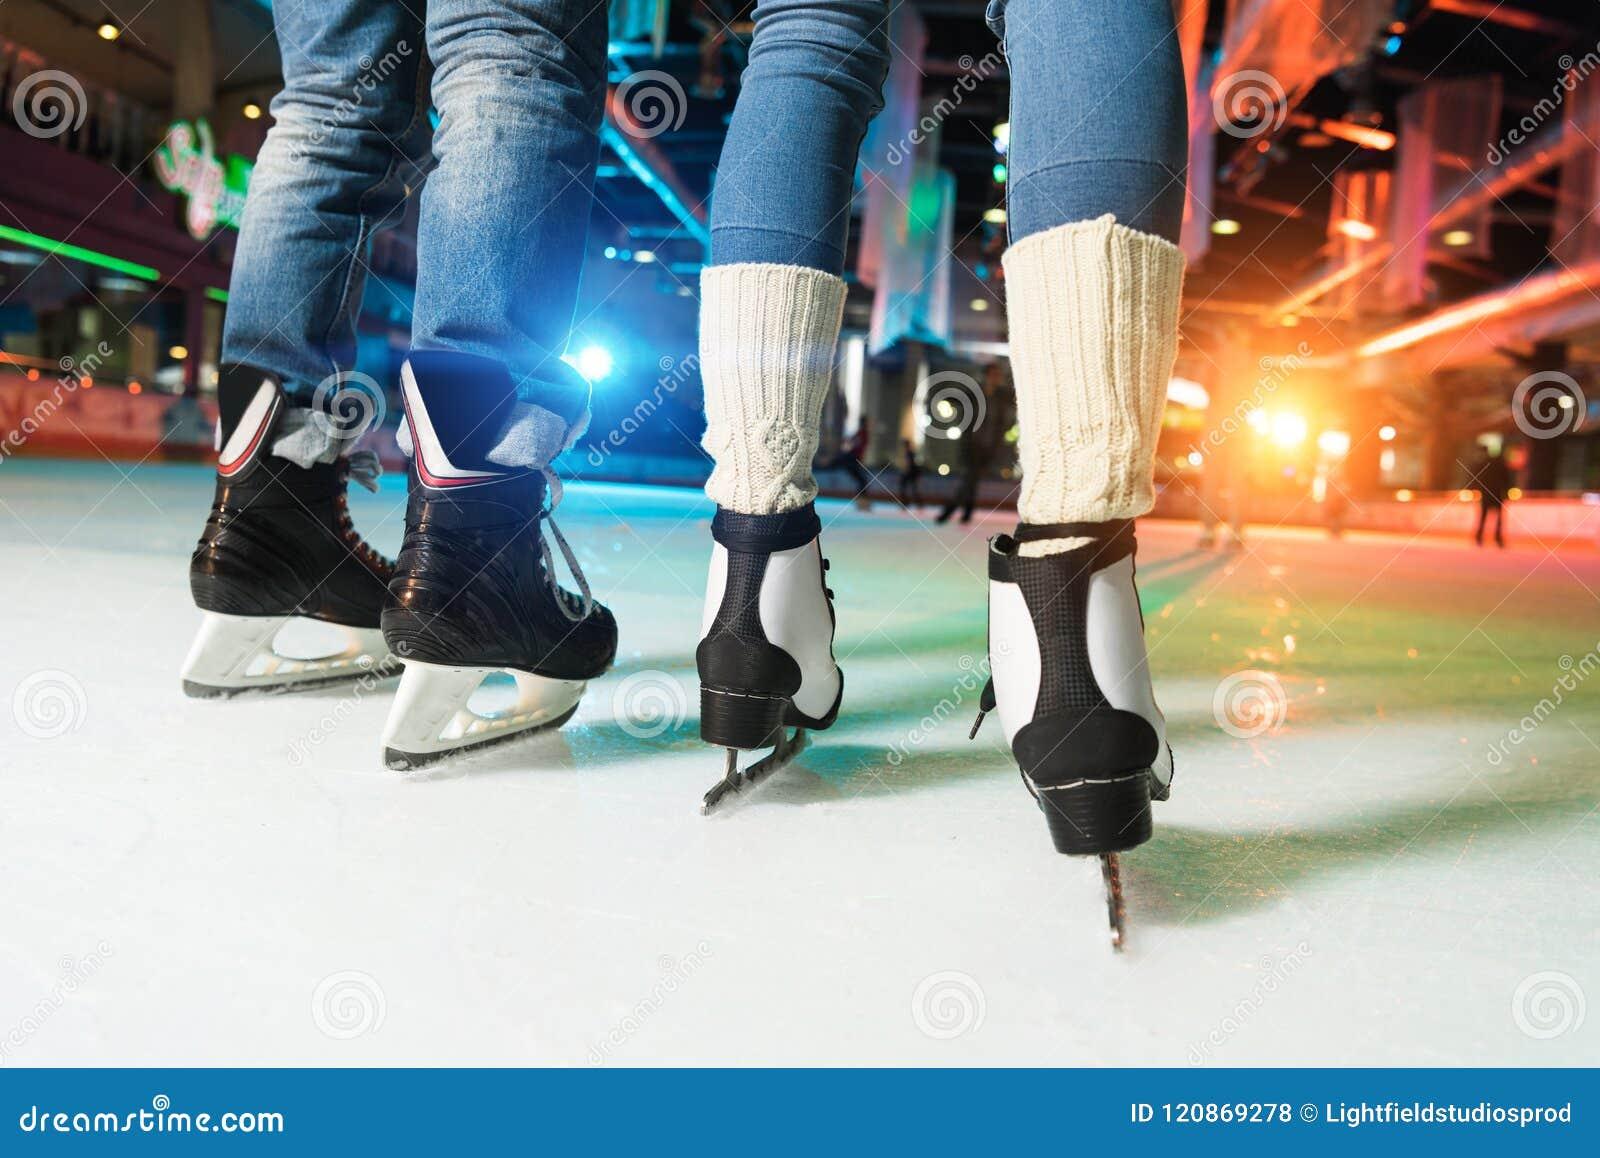 низкий раздел пар в катании на коньках коньков